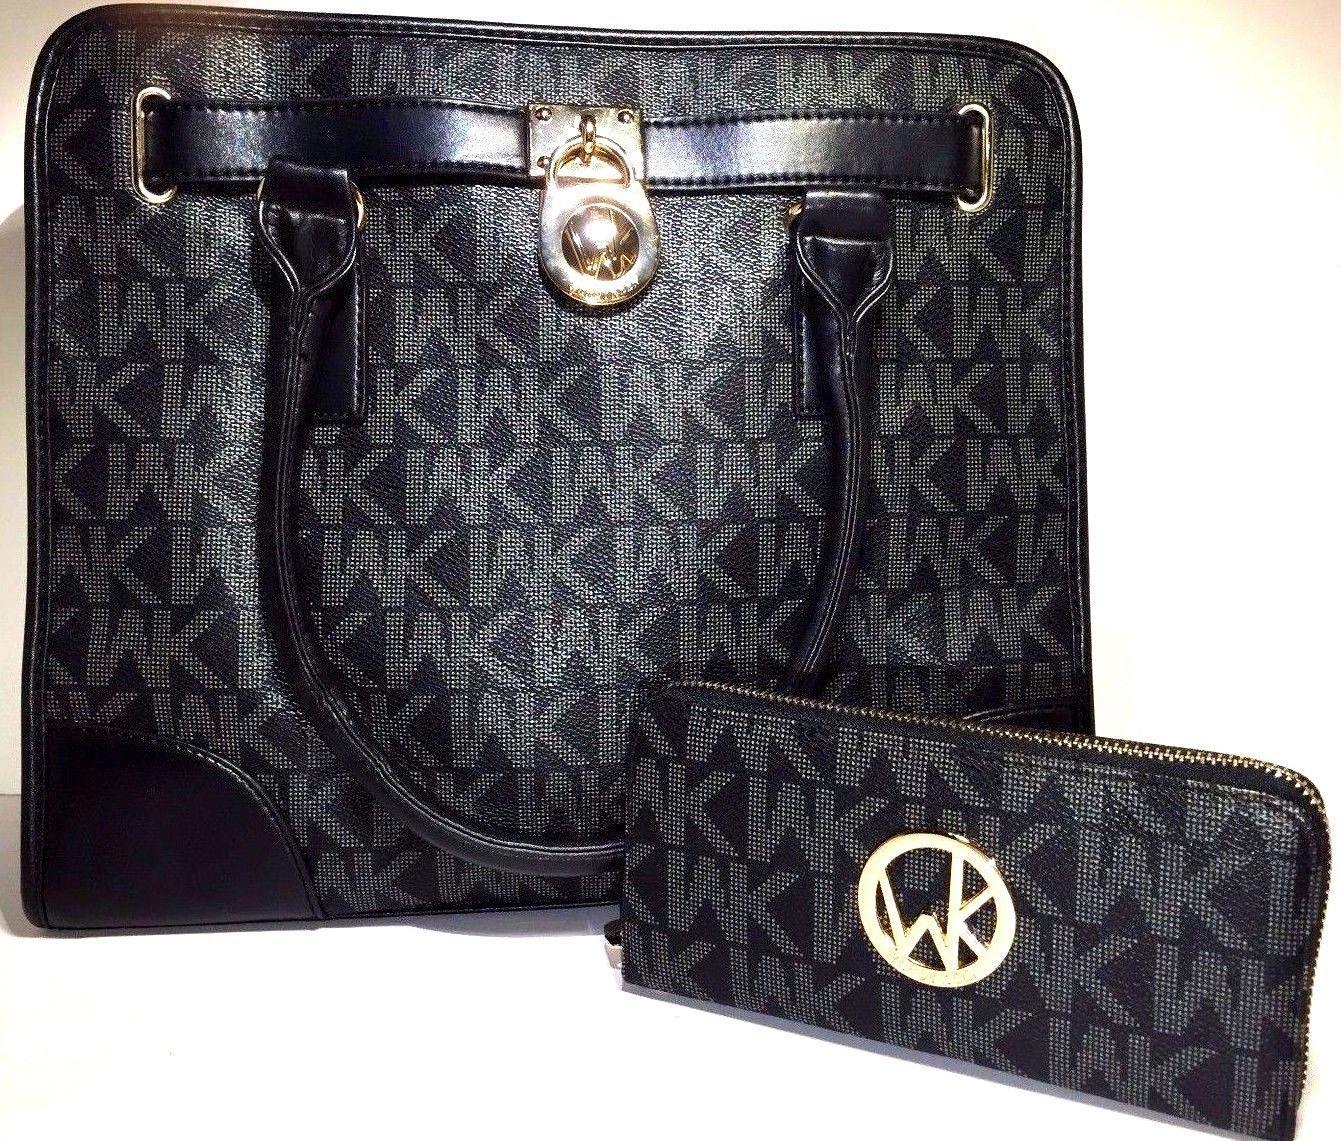 c8243f7259 Wendy Keen Women's Handbag Messenger Shoulder Purse Hobo Tote Bag Wallet  Set | eBay